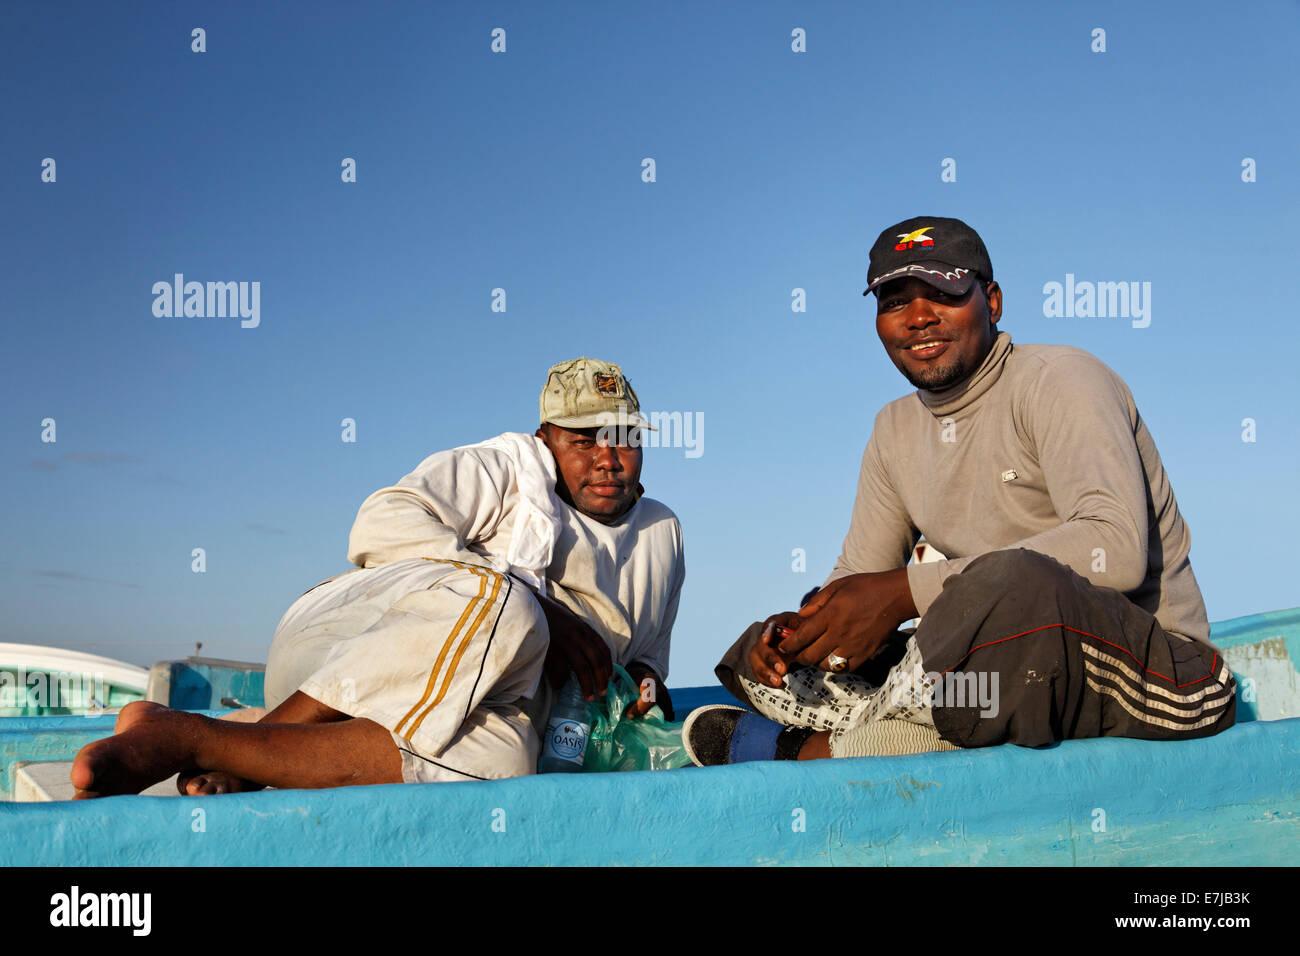 Omani fishermen on a fishing boat, Mirbat, Dhofar region, Sultanate of Oman, Arabian Peninsula - Stock Image